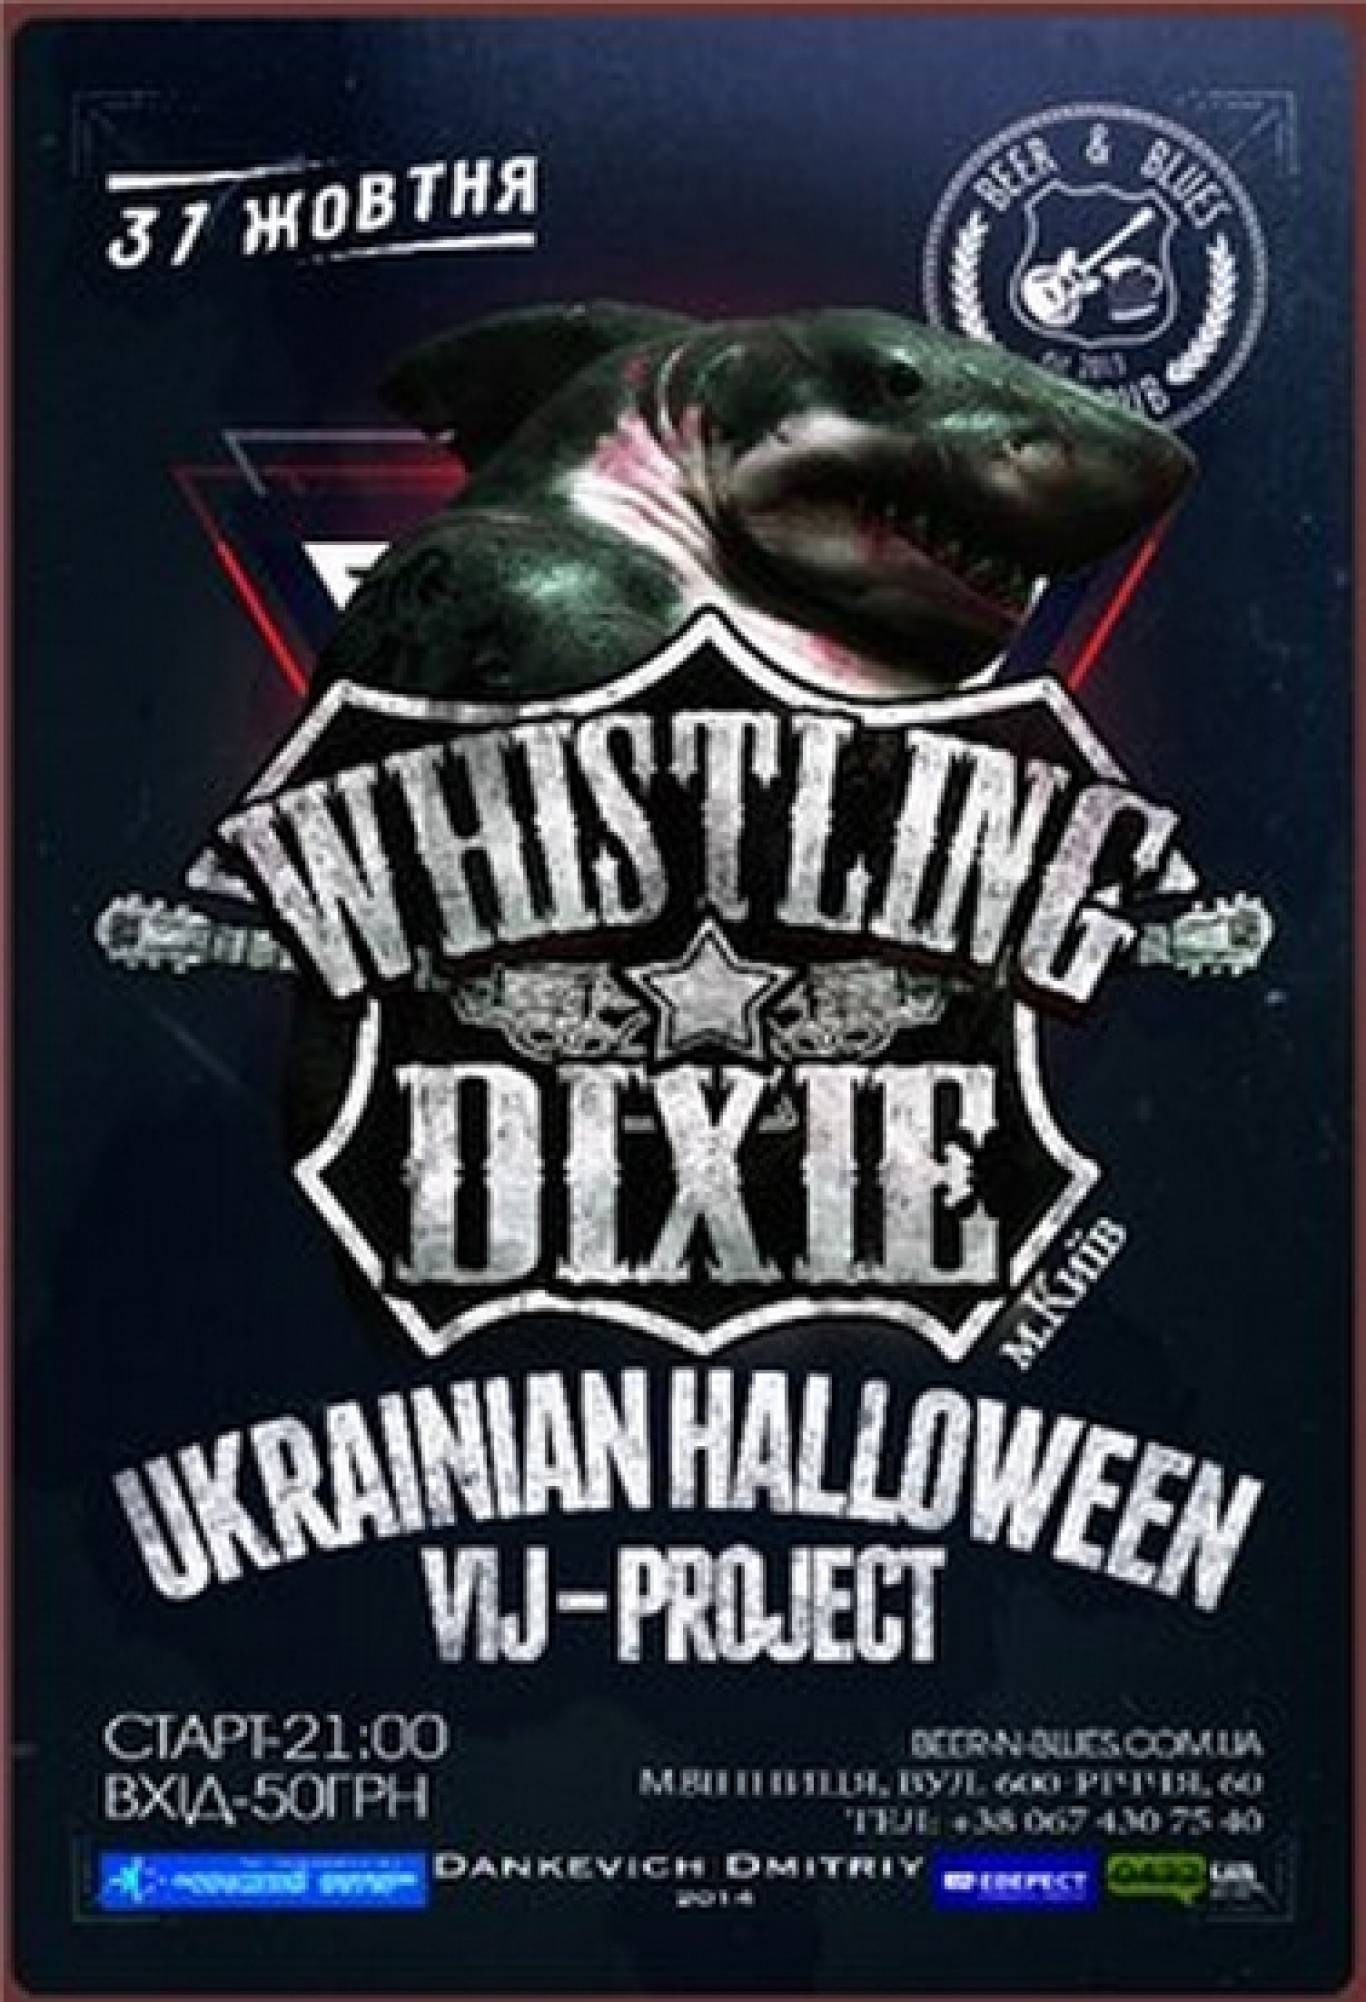 Ukrainian Halloween разом з гуртом «Whistling Dixie»